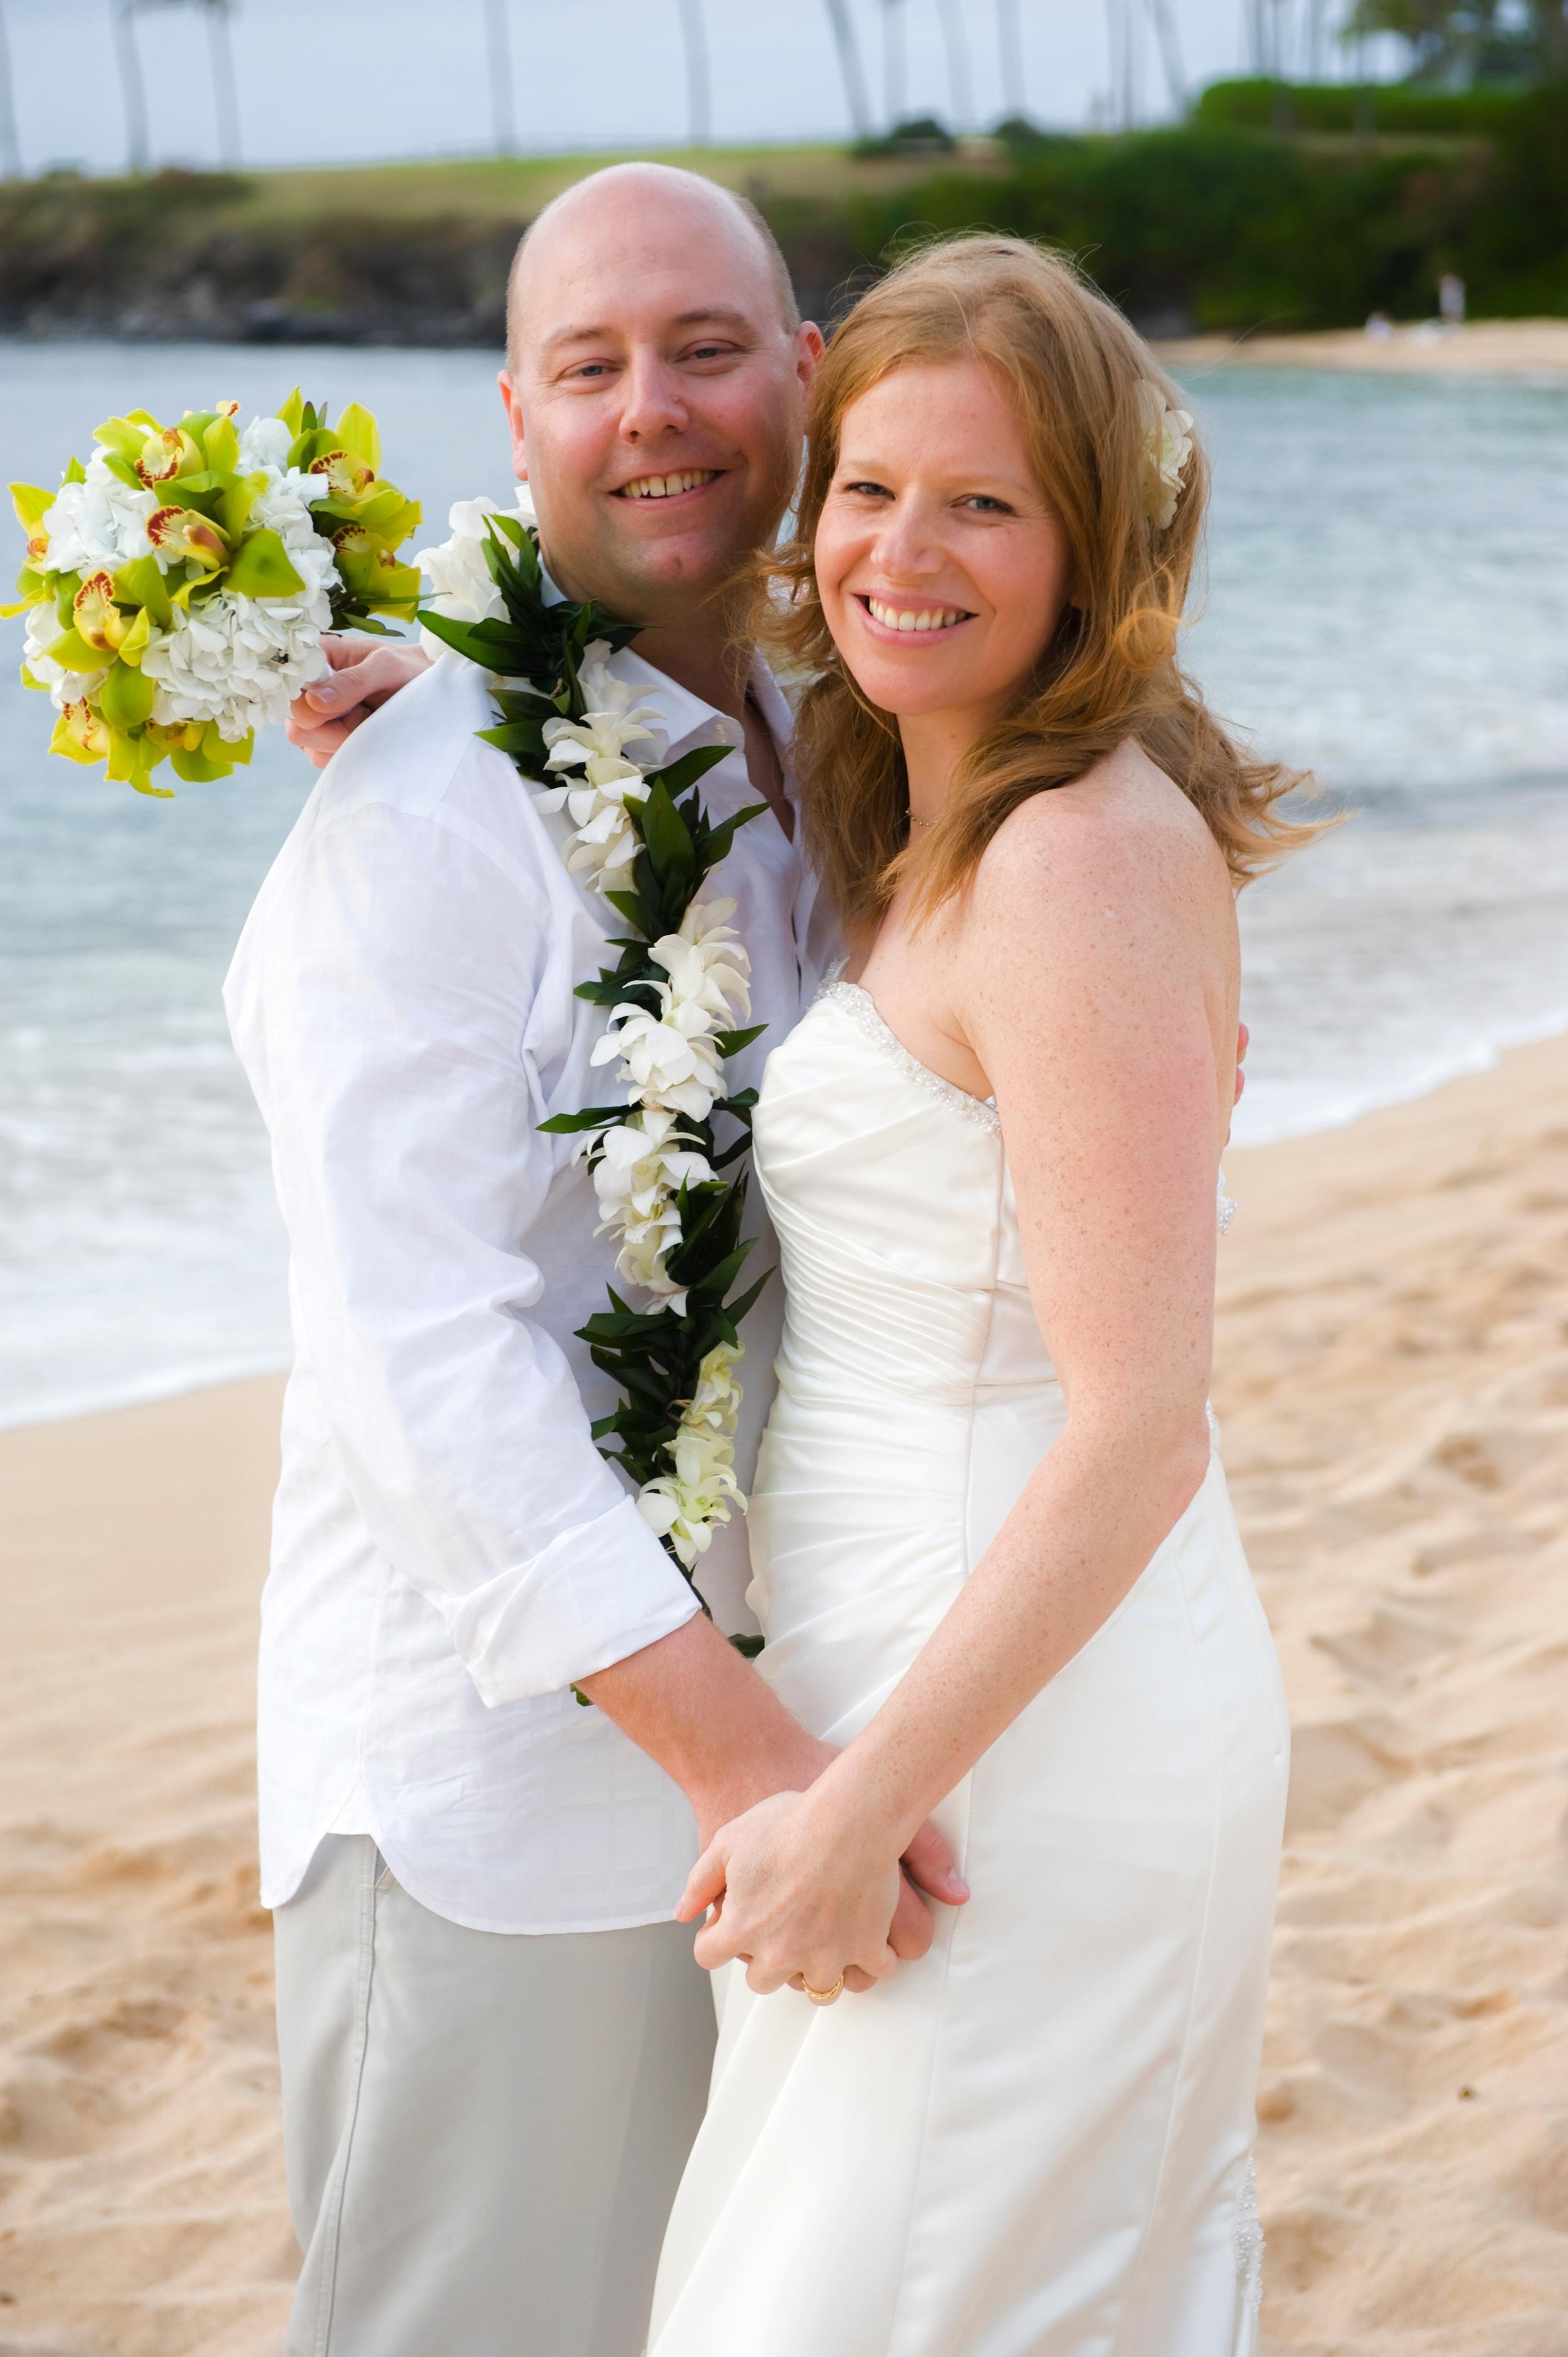 Wedding++31719-1852469653-O.jpg